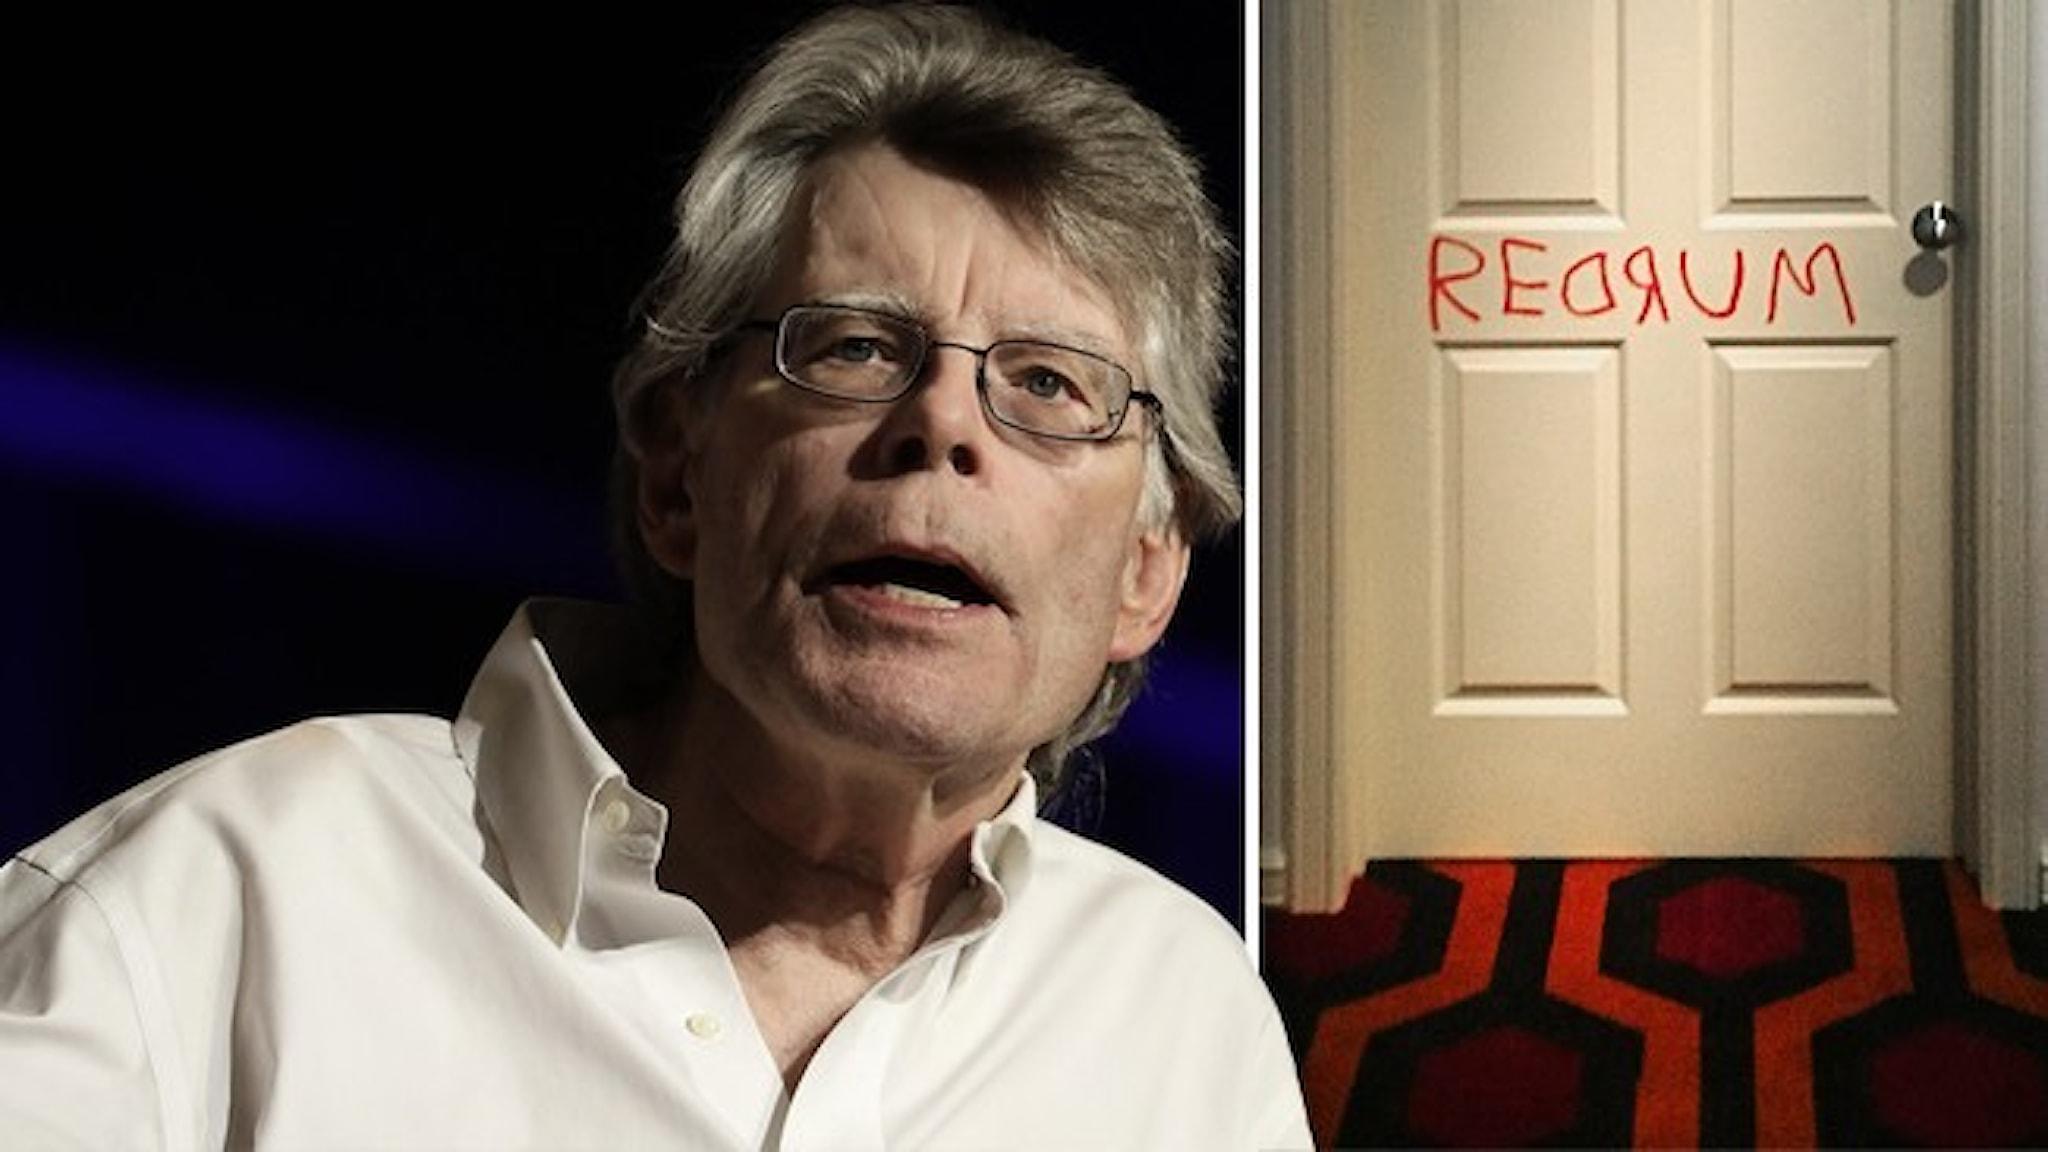 """Porträtt av författaren Stephen King och dörren med texten MURDER baklänges från filmen """"The Shining"""" som bygger på en roman av King."""